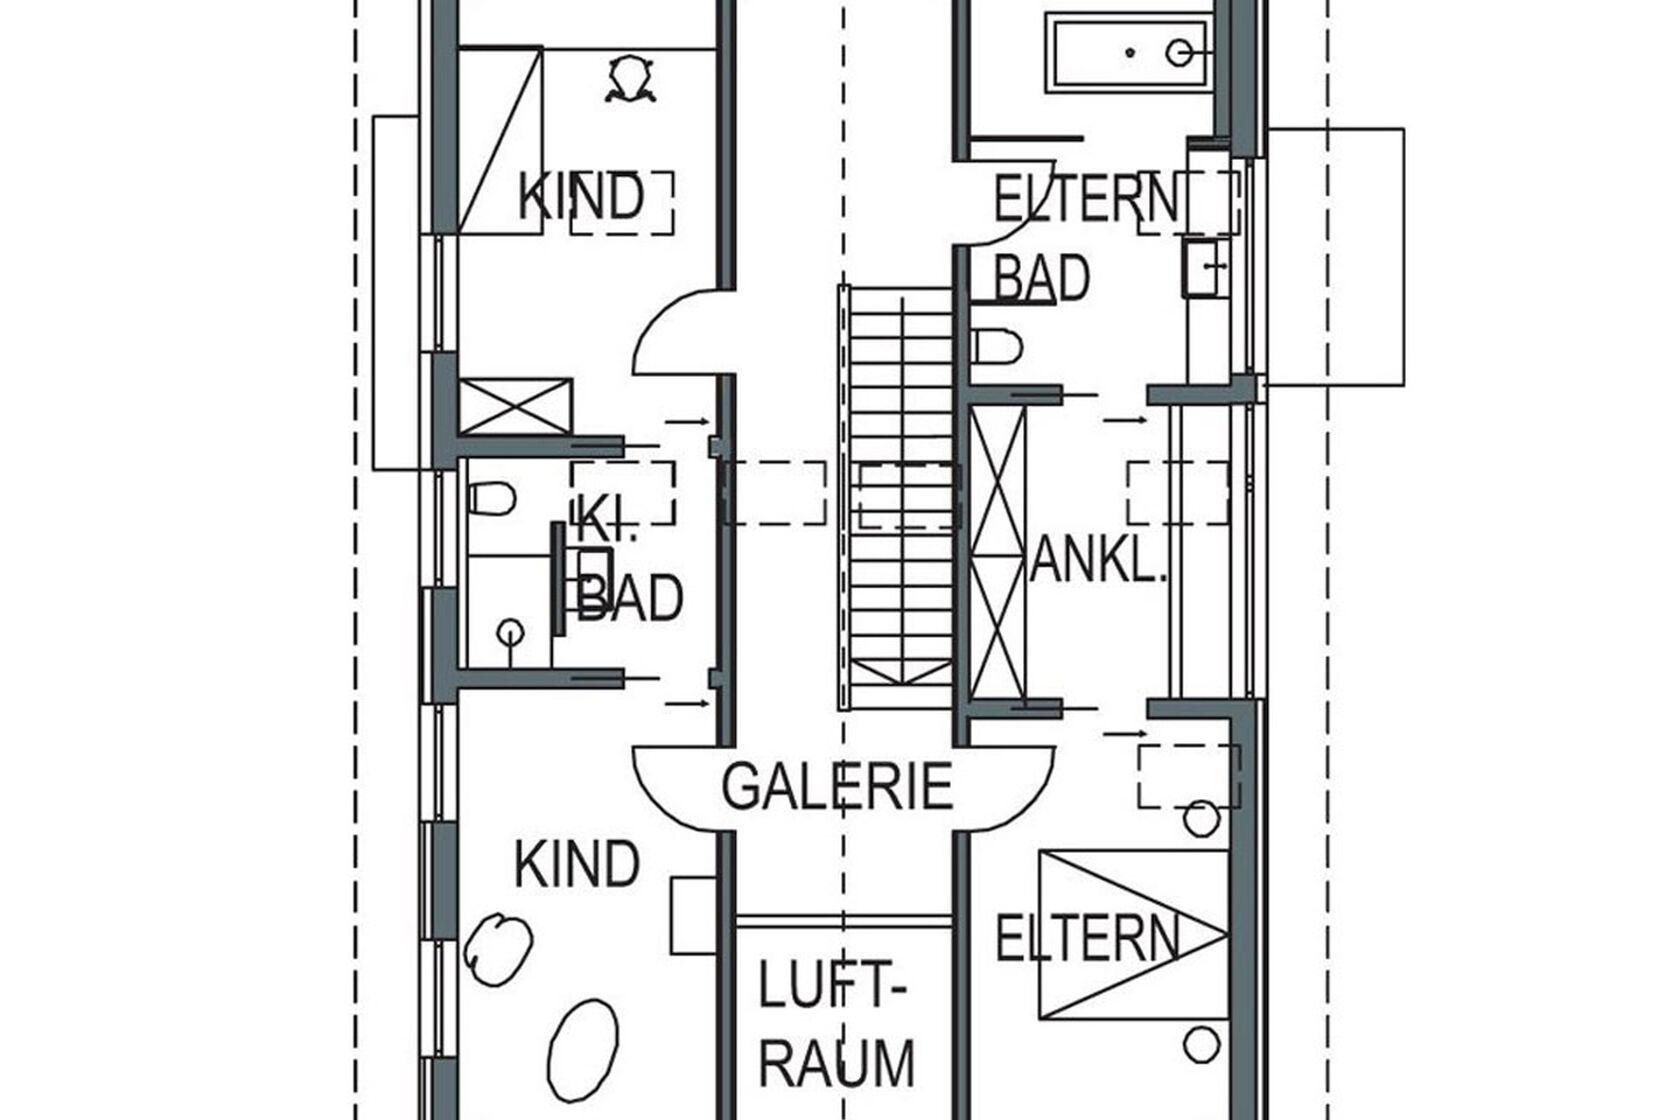 Lehner Holzhaus Gmbh Home Expo Suhr